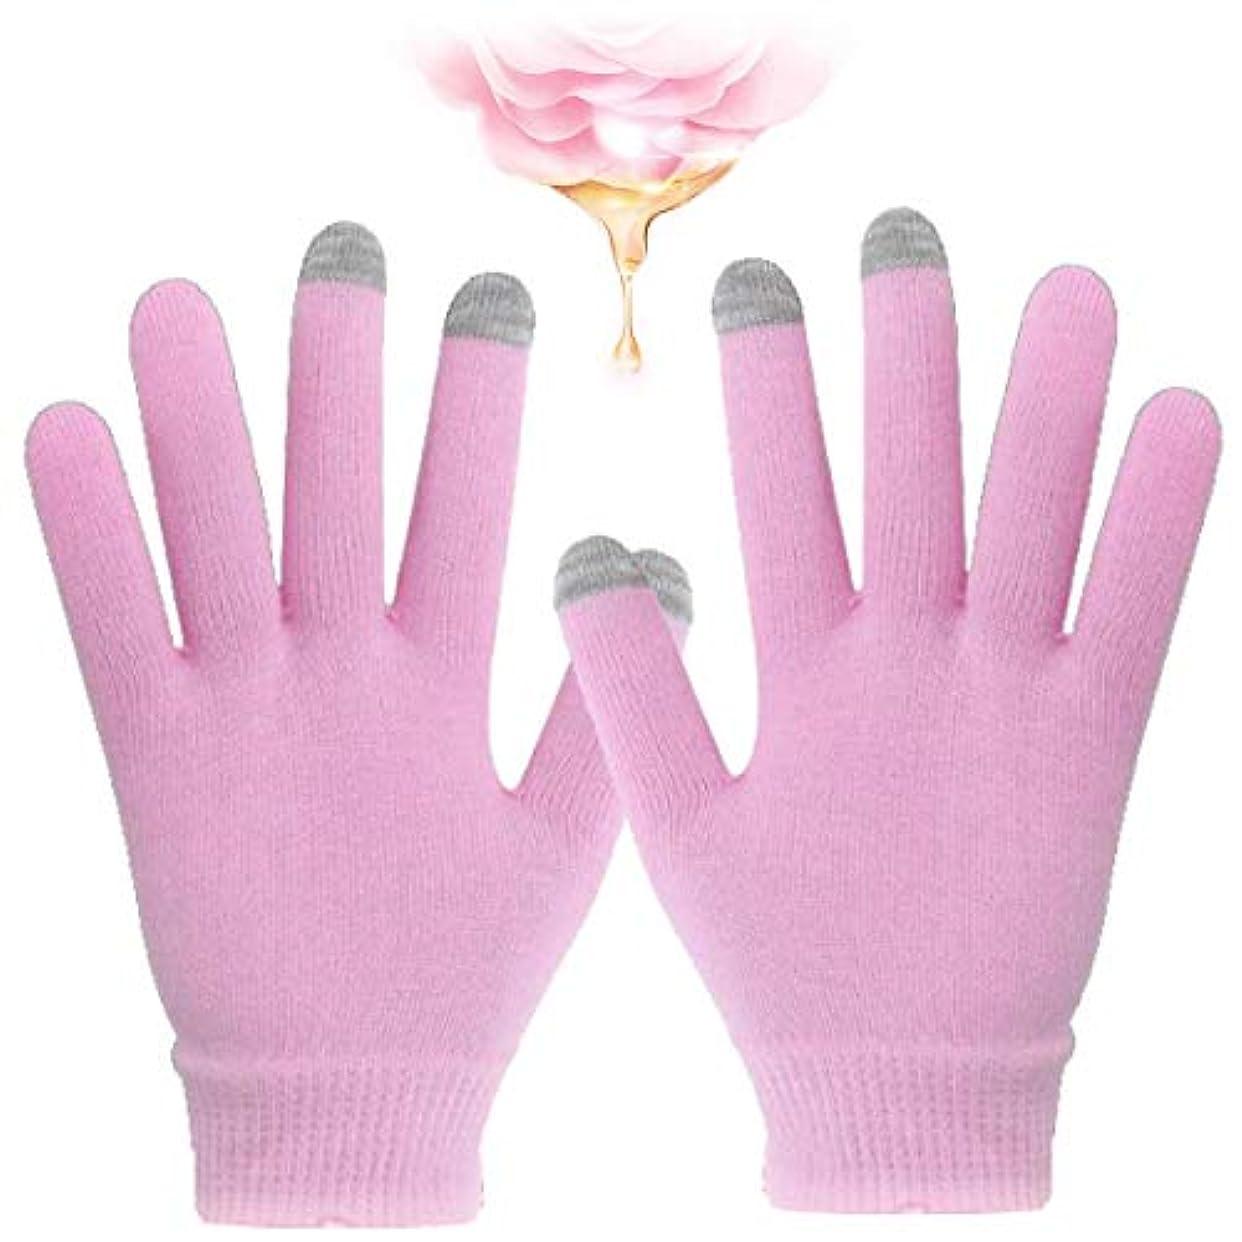 トロピカル種類マインドハンドケア 手袋 スマホ対応 手袋 ゲル 保湿 美容成分配合 手荒れ 対策 おやすみ スキンケア グローブ うるおい 保護 タブレット